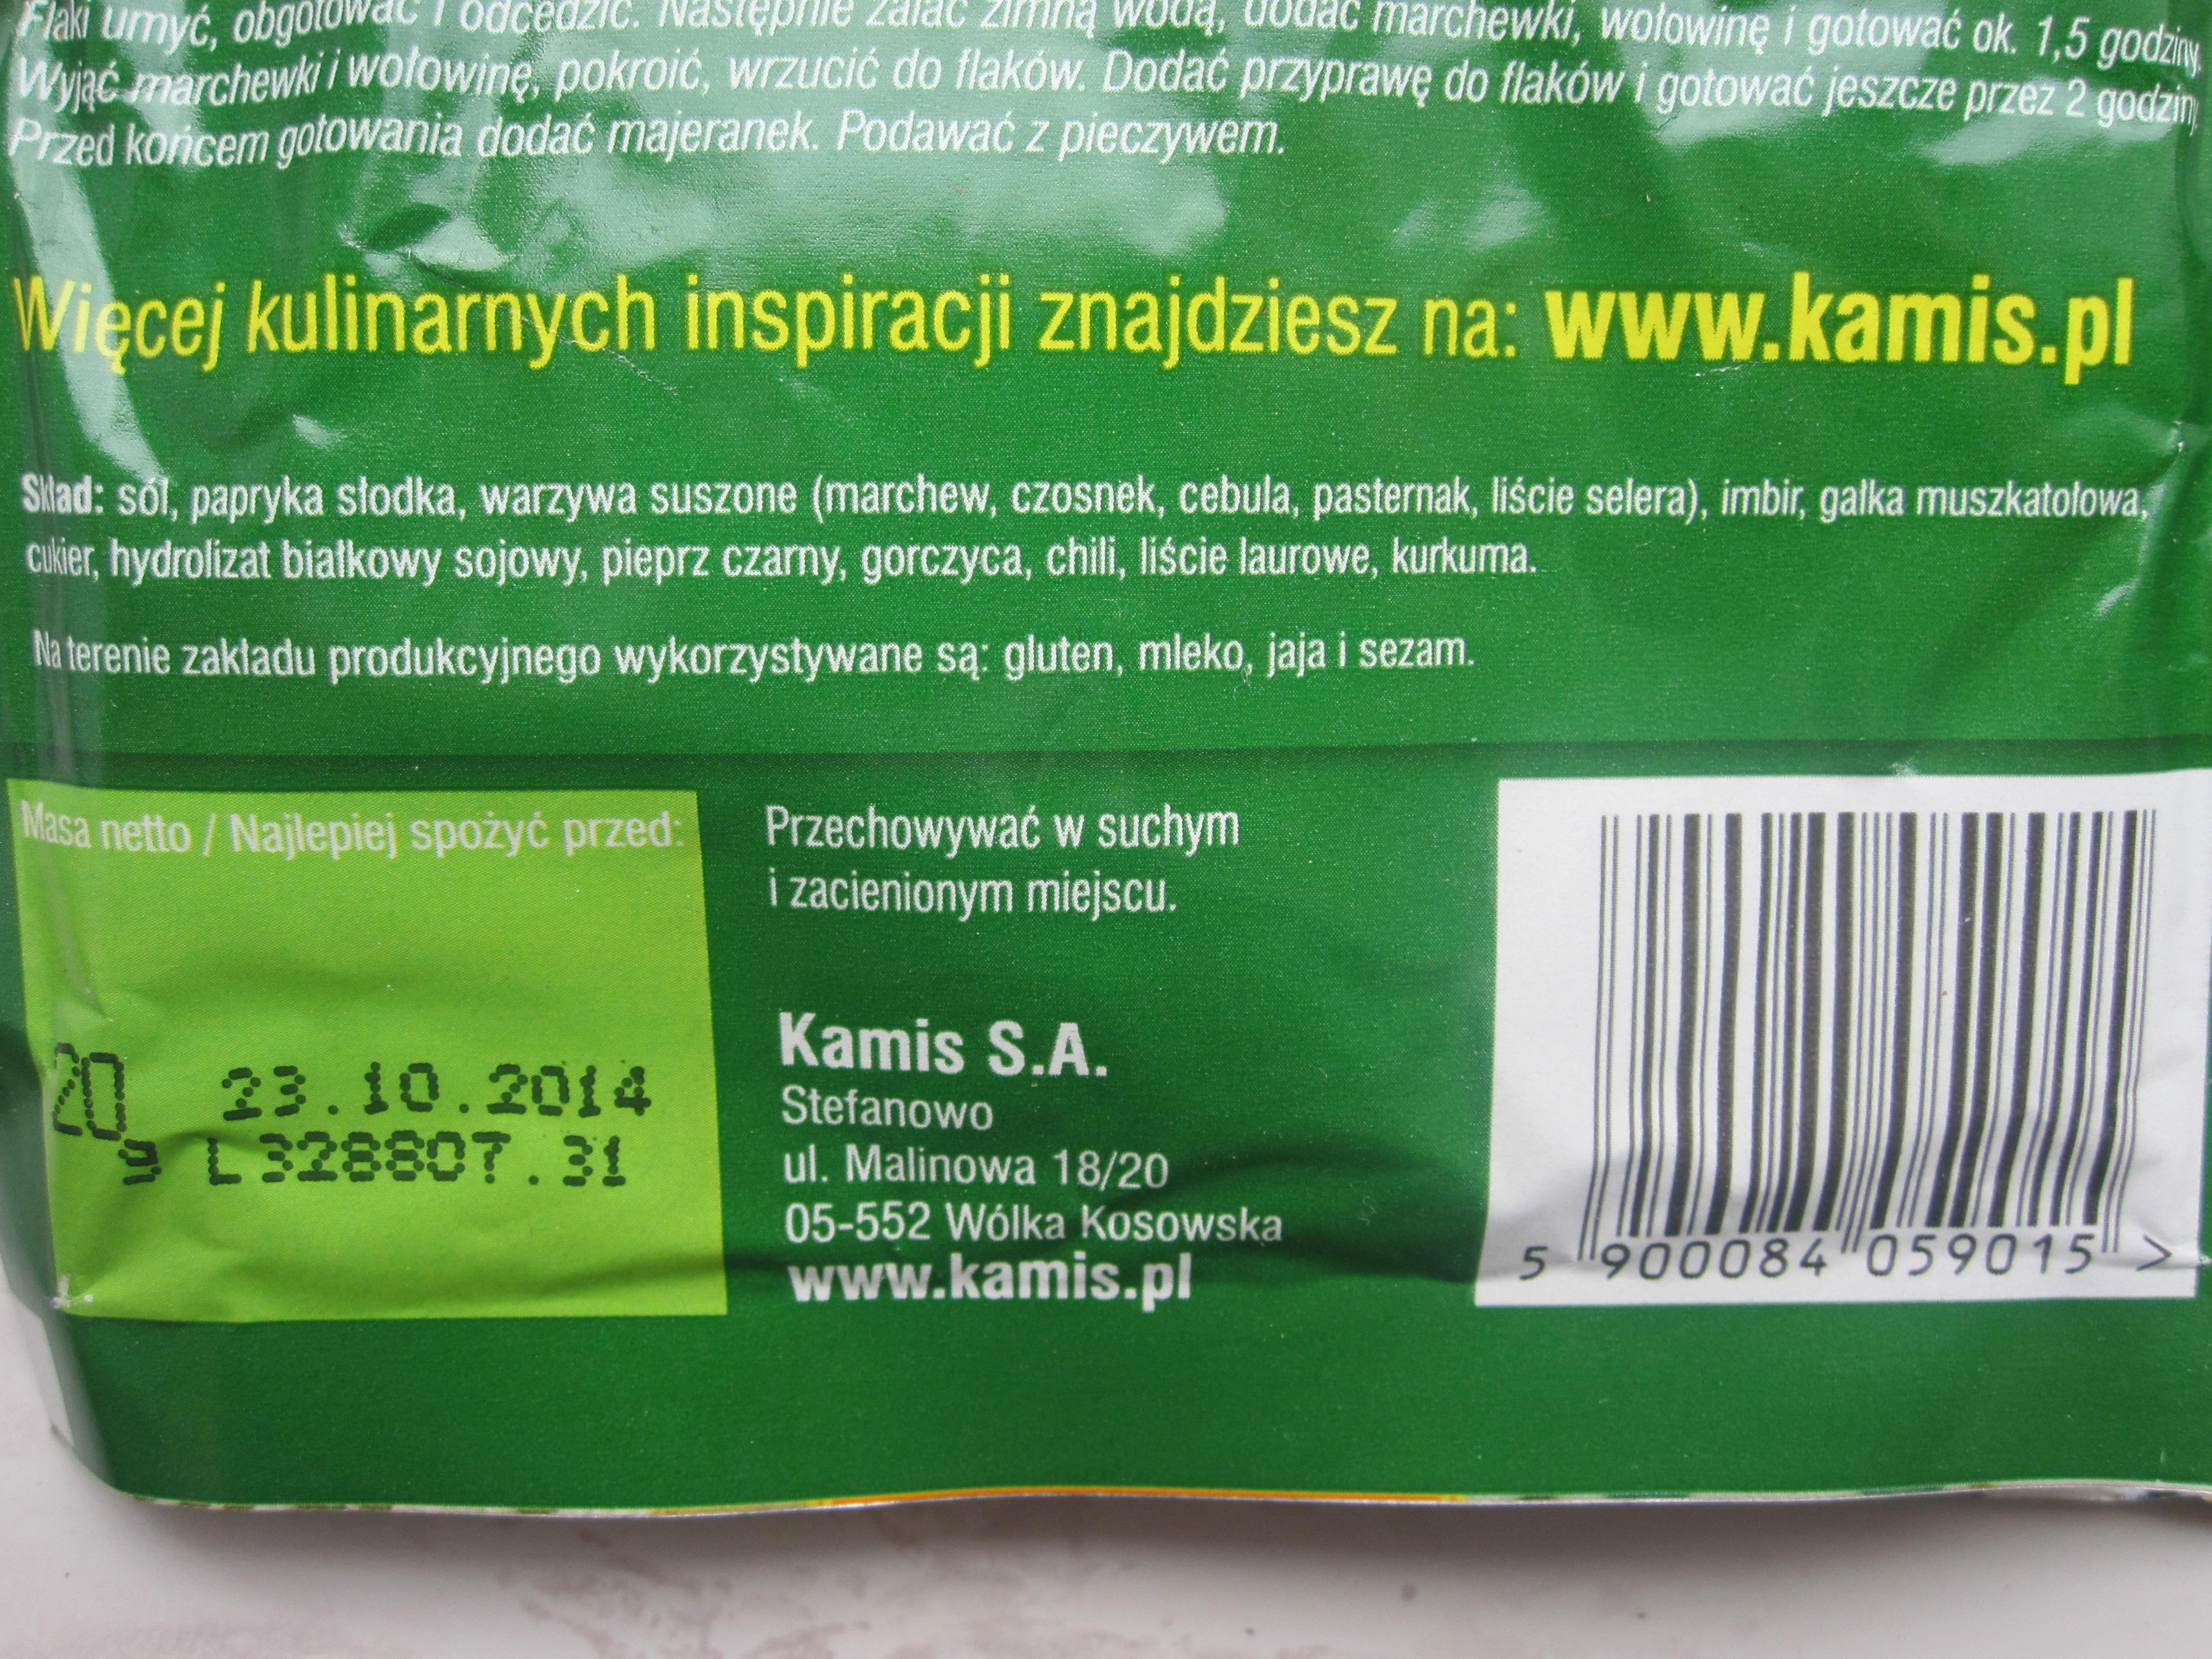 Kuchnia Polska Przyprawa Do Flaków Kamis Opinie Testy Cena